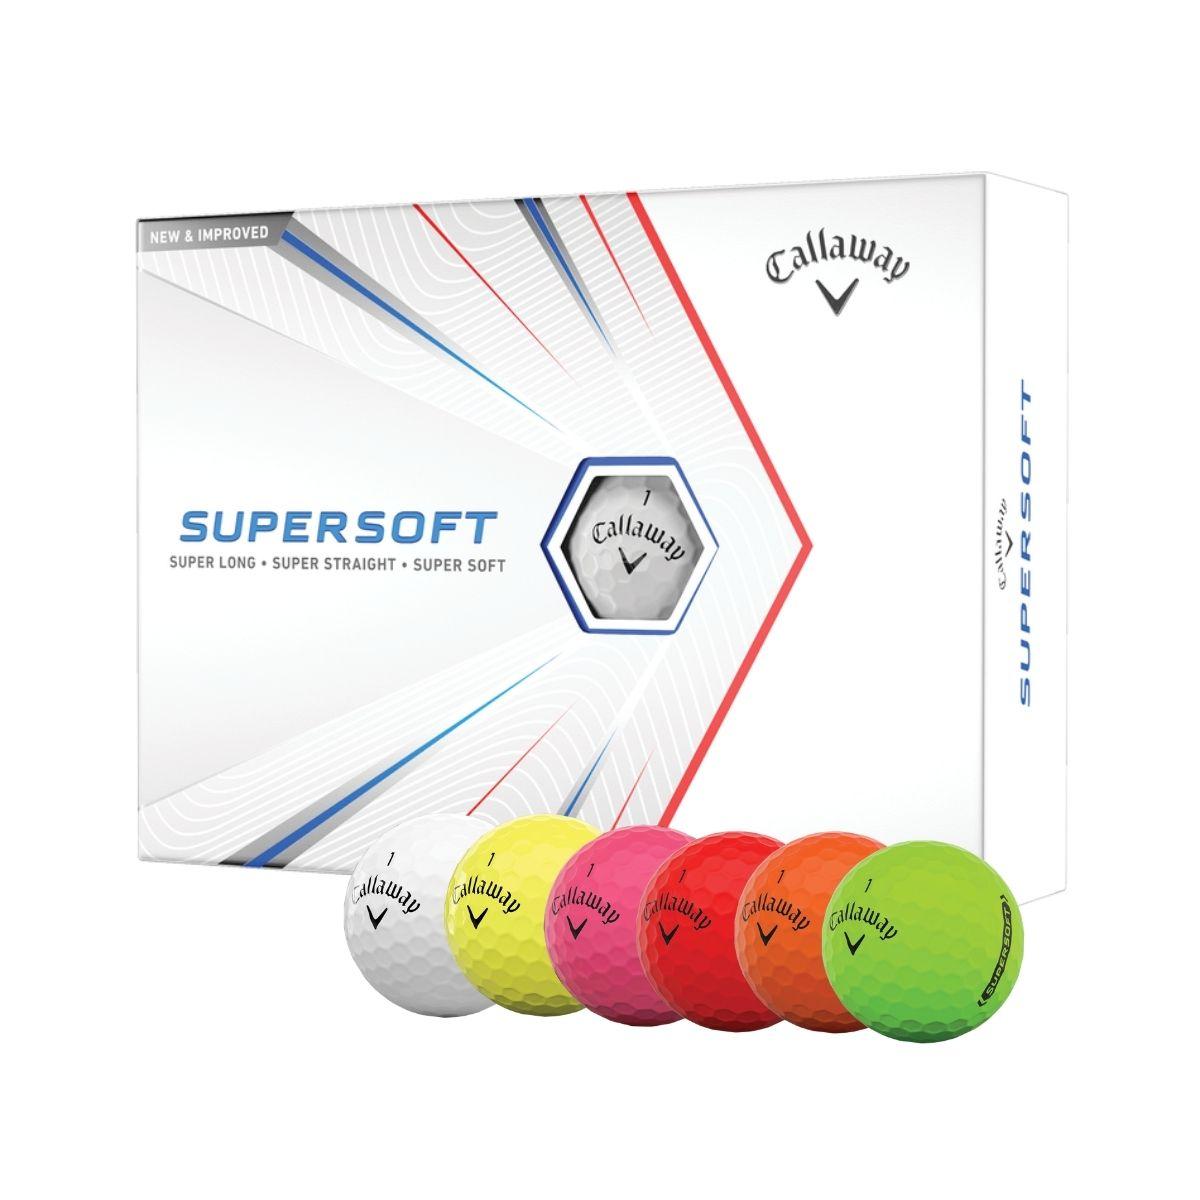 Callaway 2021 Supersoft Golf Balls